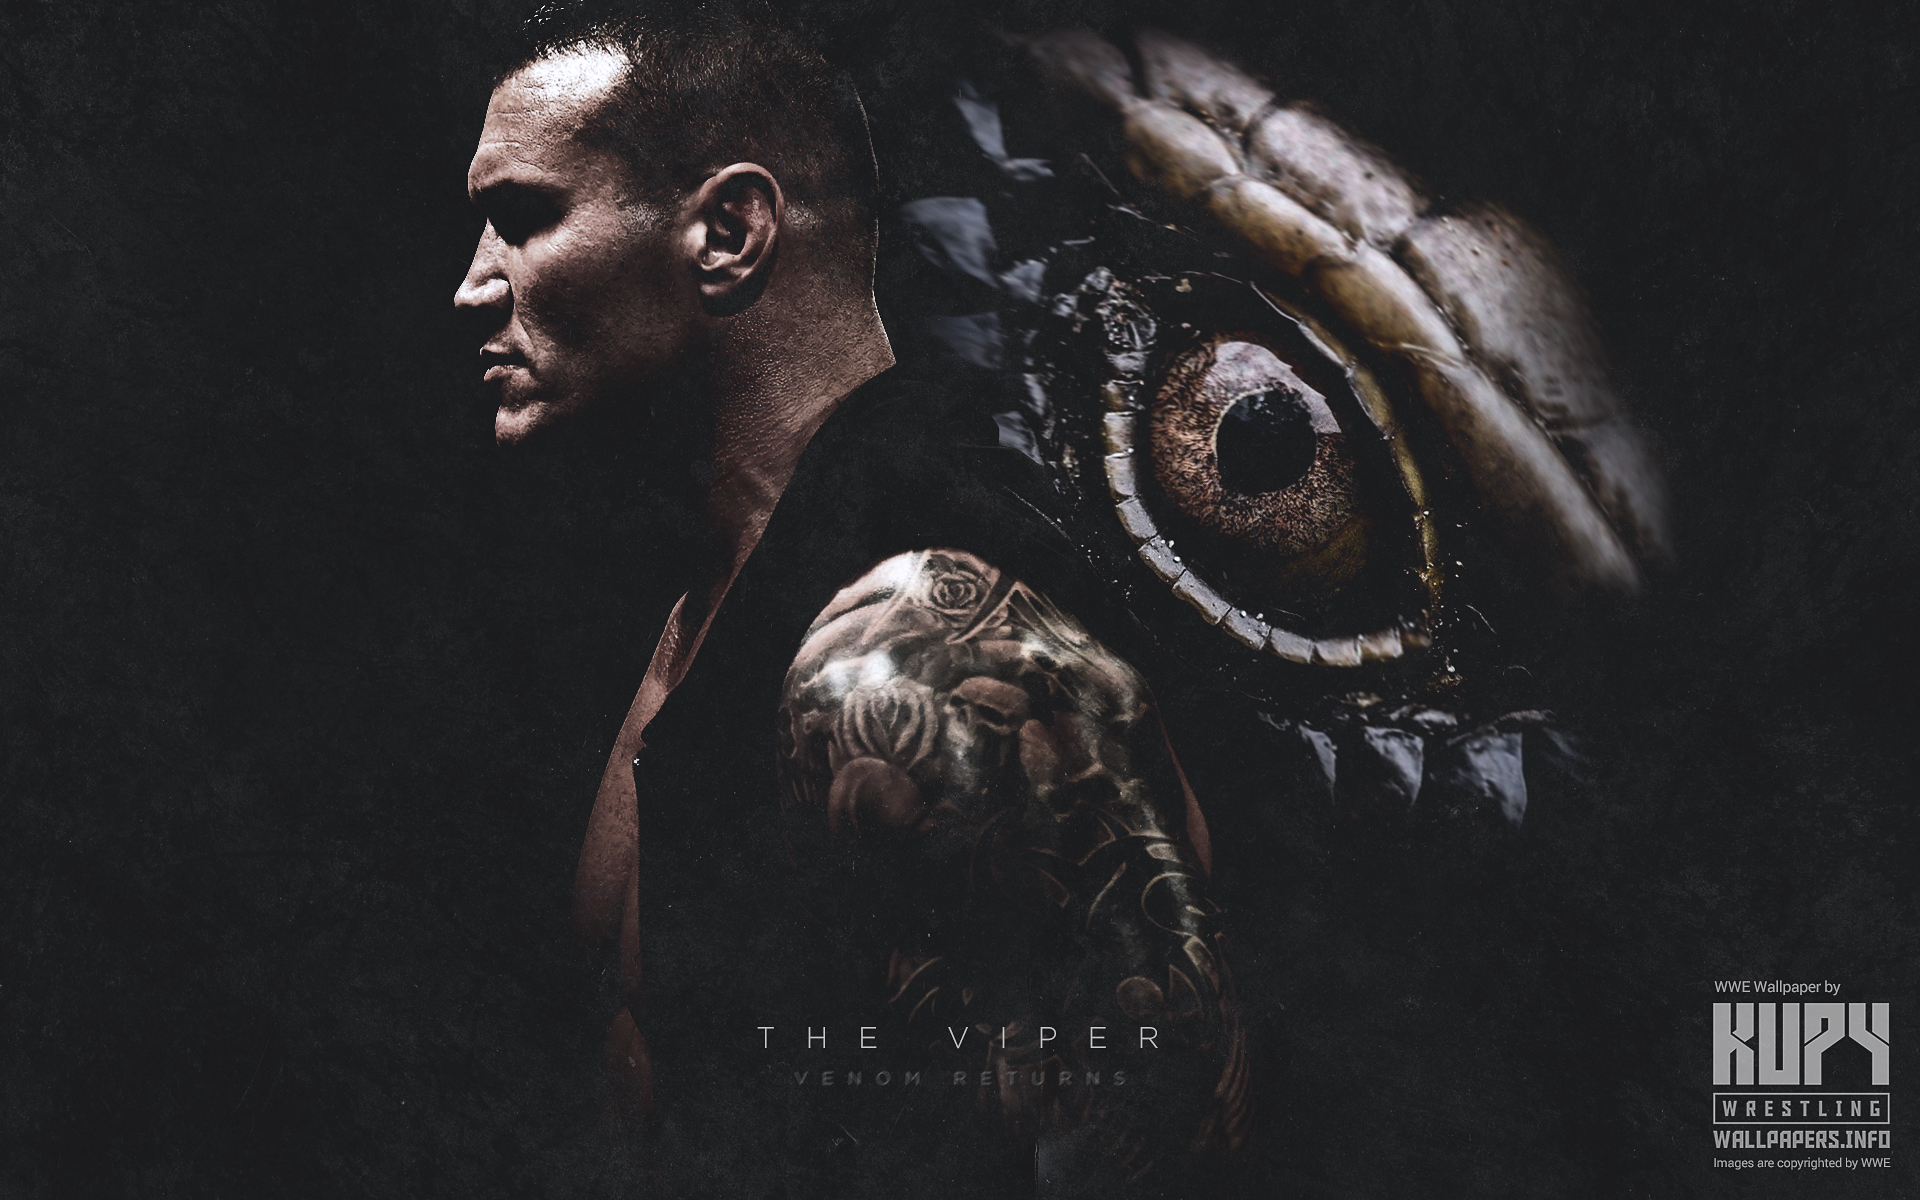 The Viper Randy Orton Venom Returns Wallpaper Kupy Wrestling